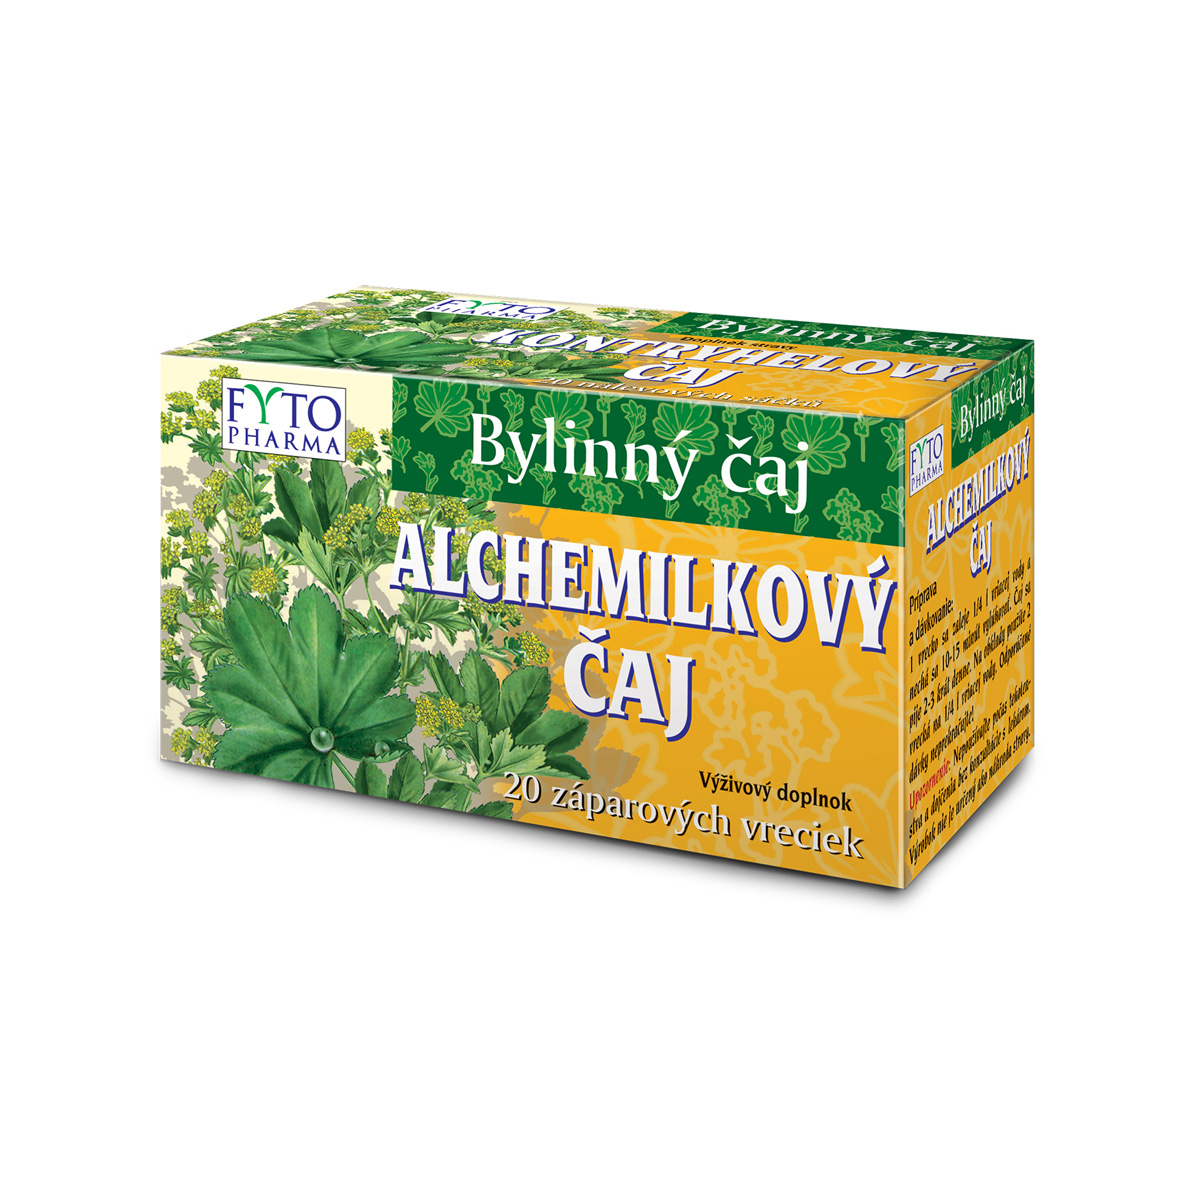 Fytopharma Kontryhelový čaj 20 x 1 g